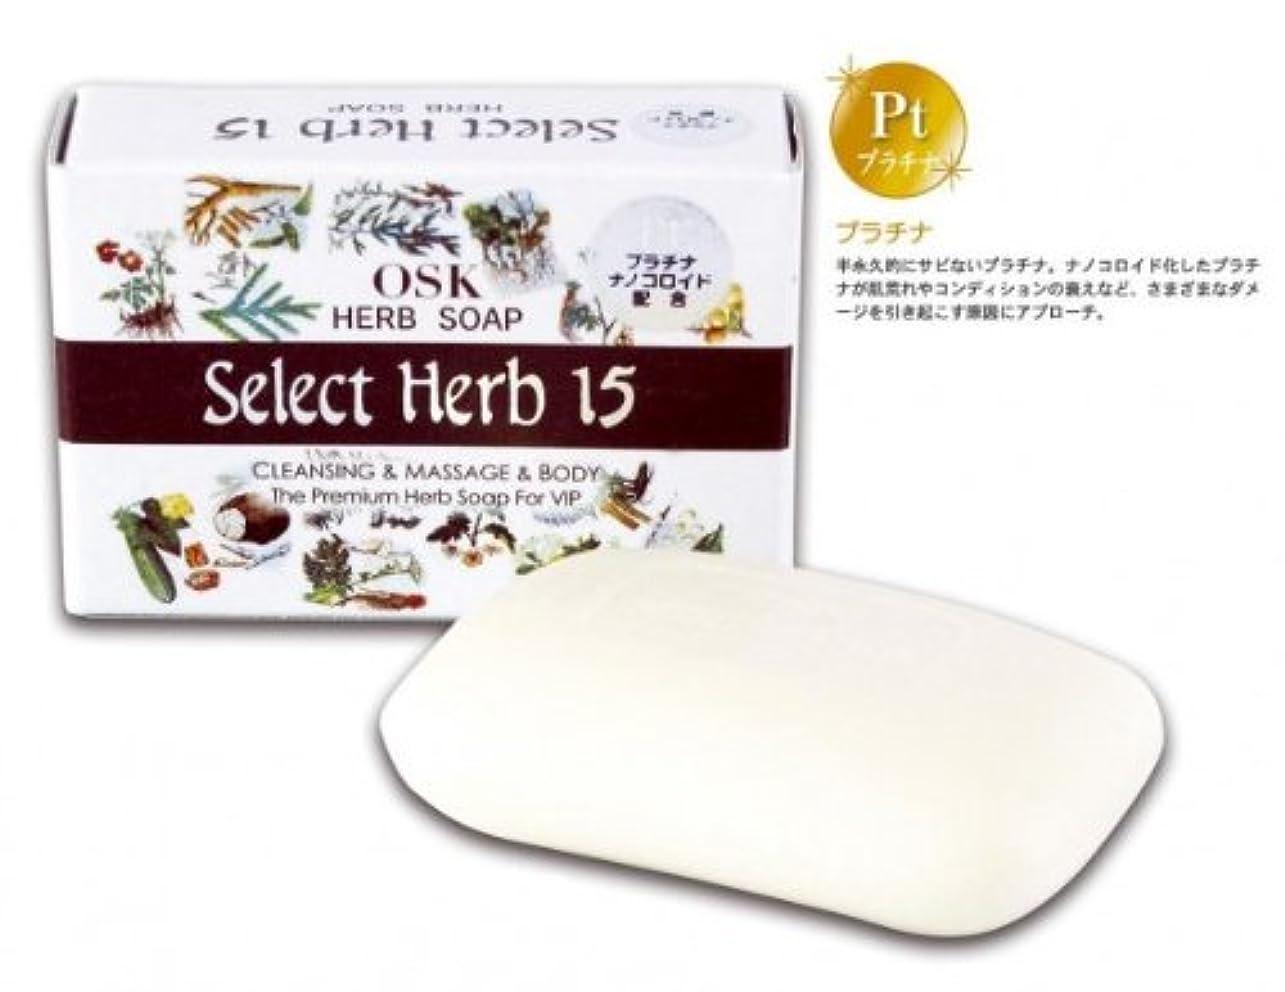 テンション並外れて医薬品NEW OSK SOAP SelectHerb15(ニューオーエスケーソープセレクトハーブ15)135g